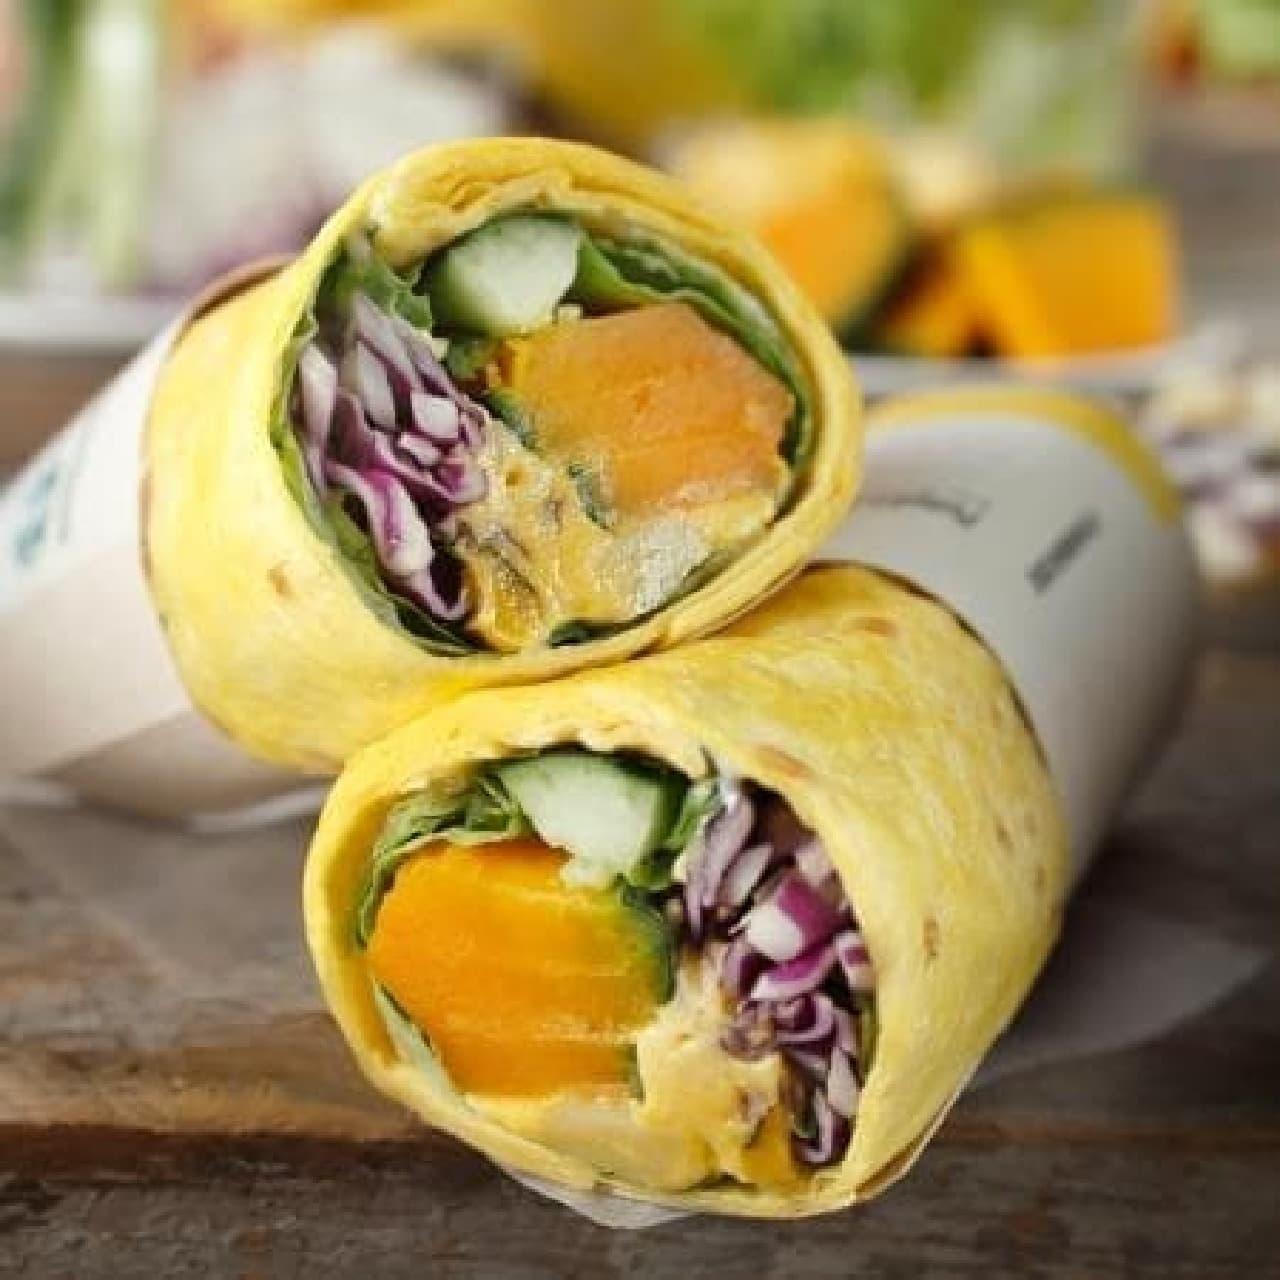 スターバックス「サラダラップパンプキン&クリームチーズ」